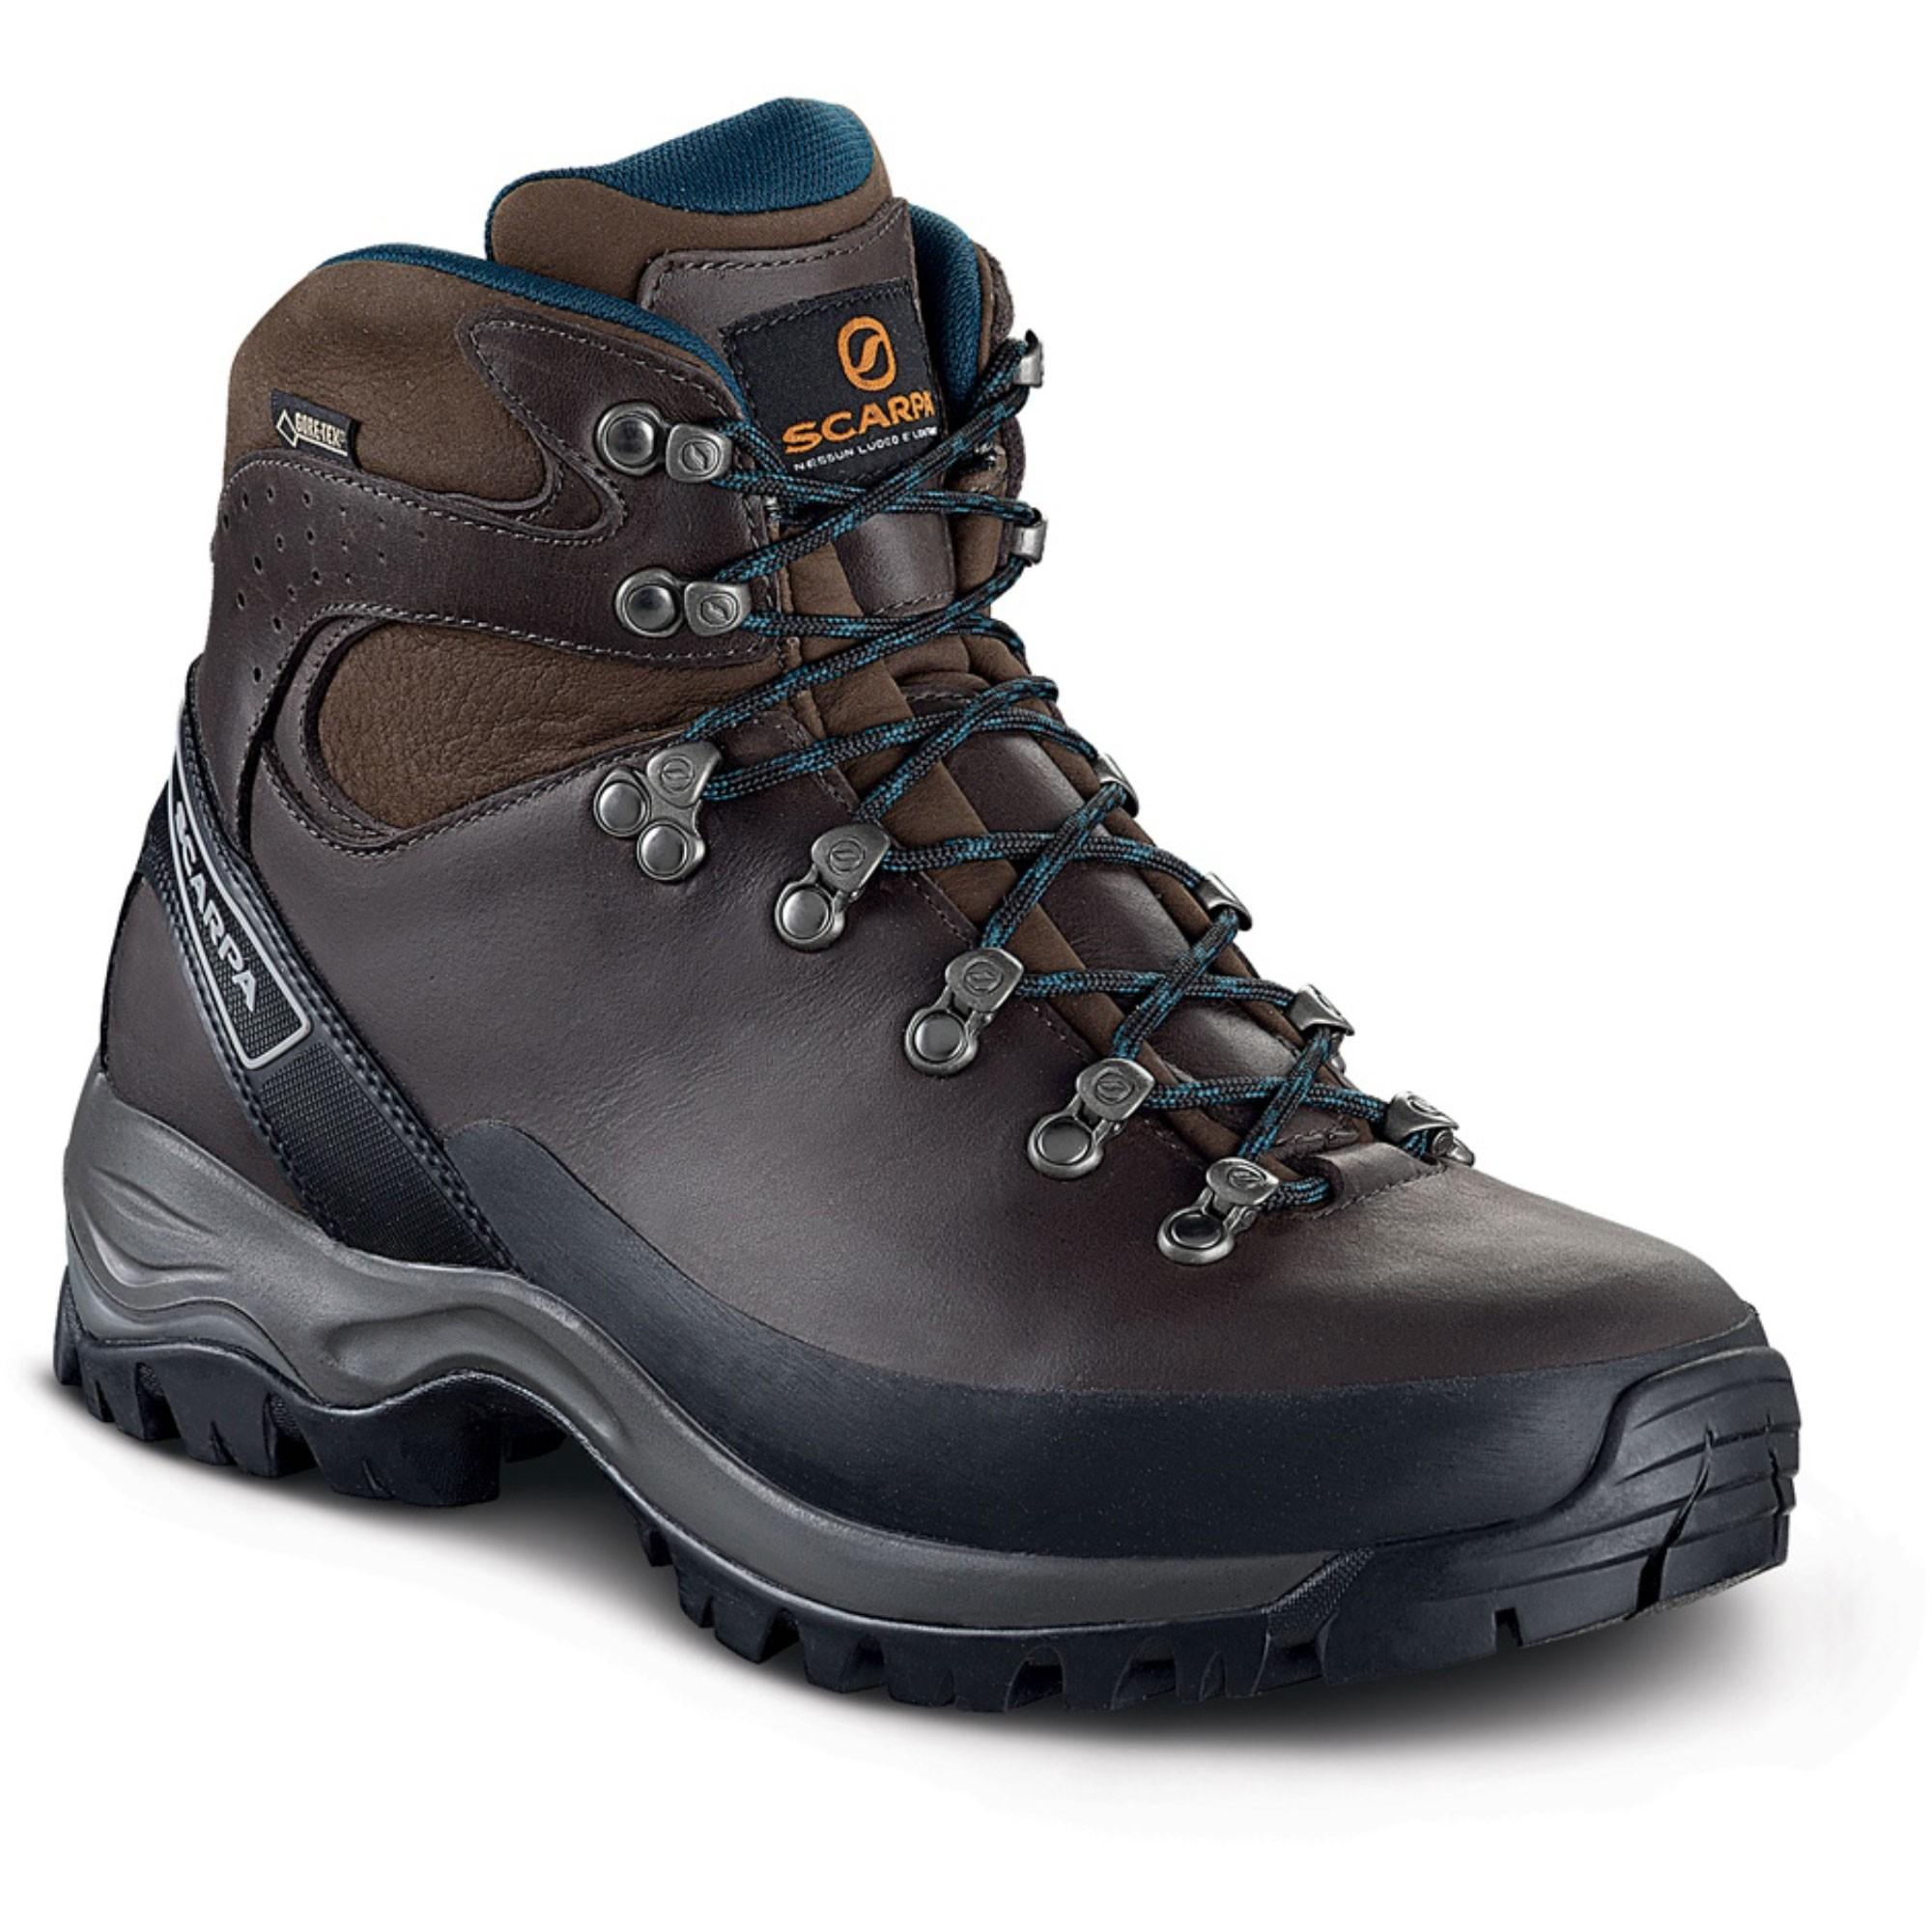 Scarpa Kailash Pro GTX Walking Boot